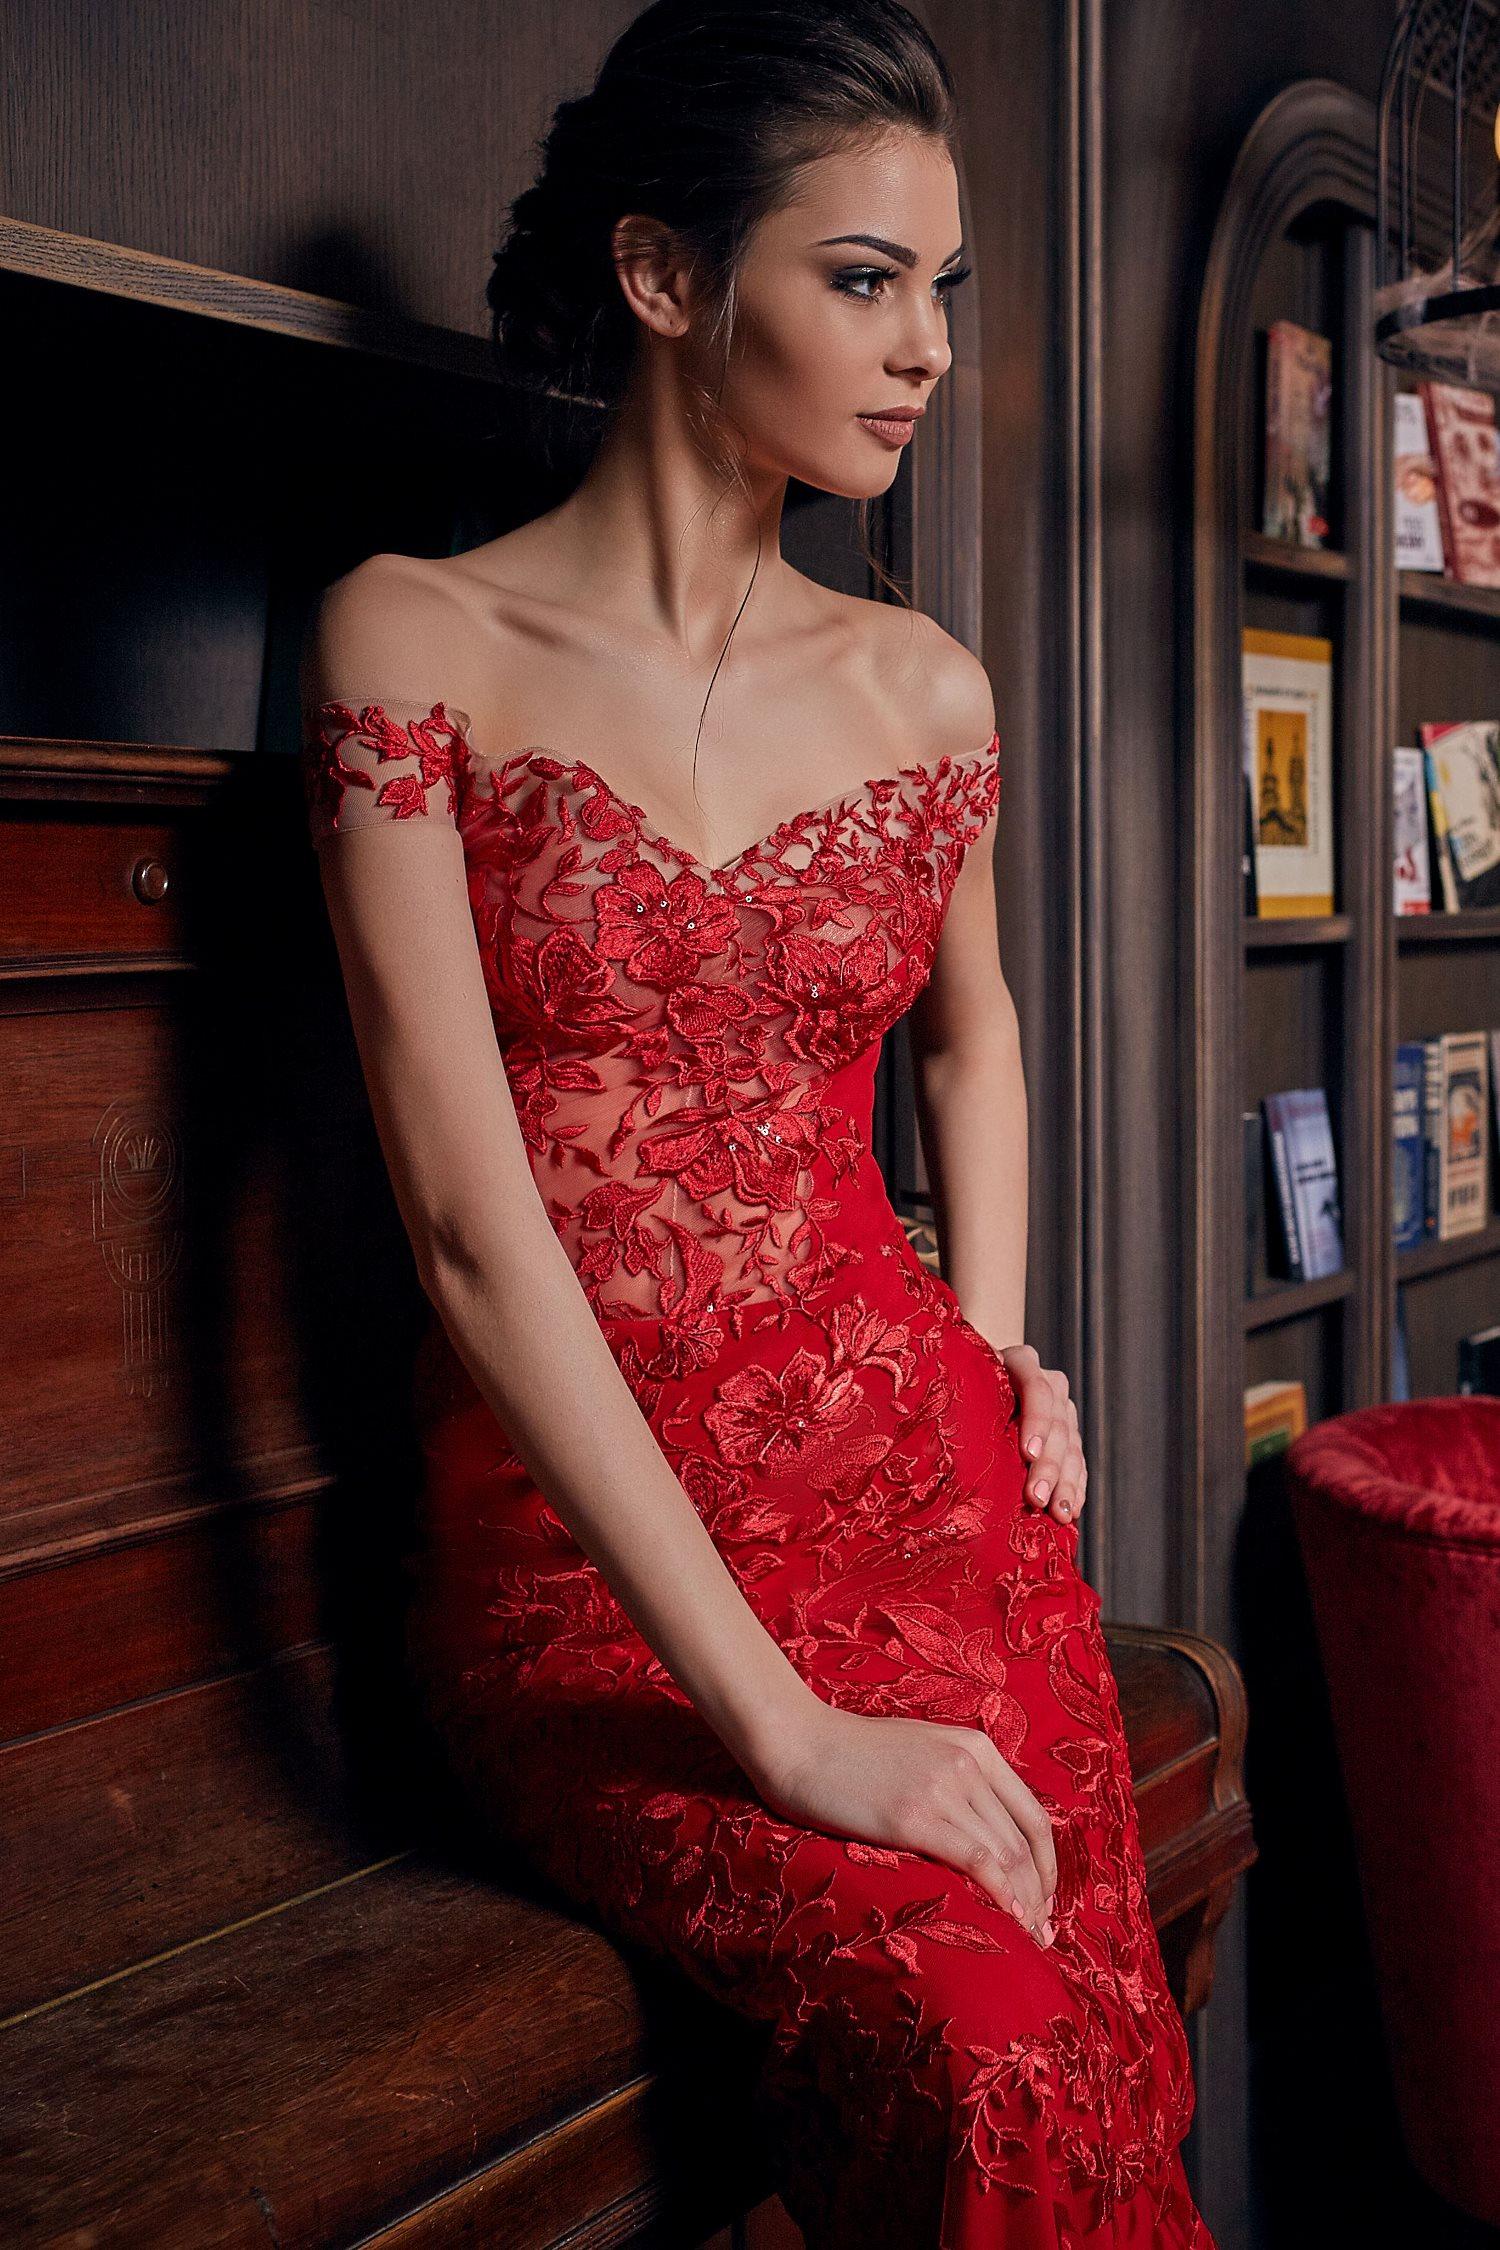 robe du soir de luxe rouge